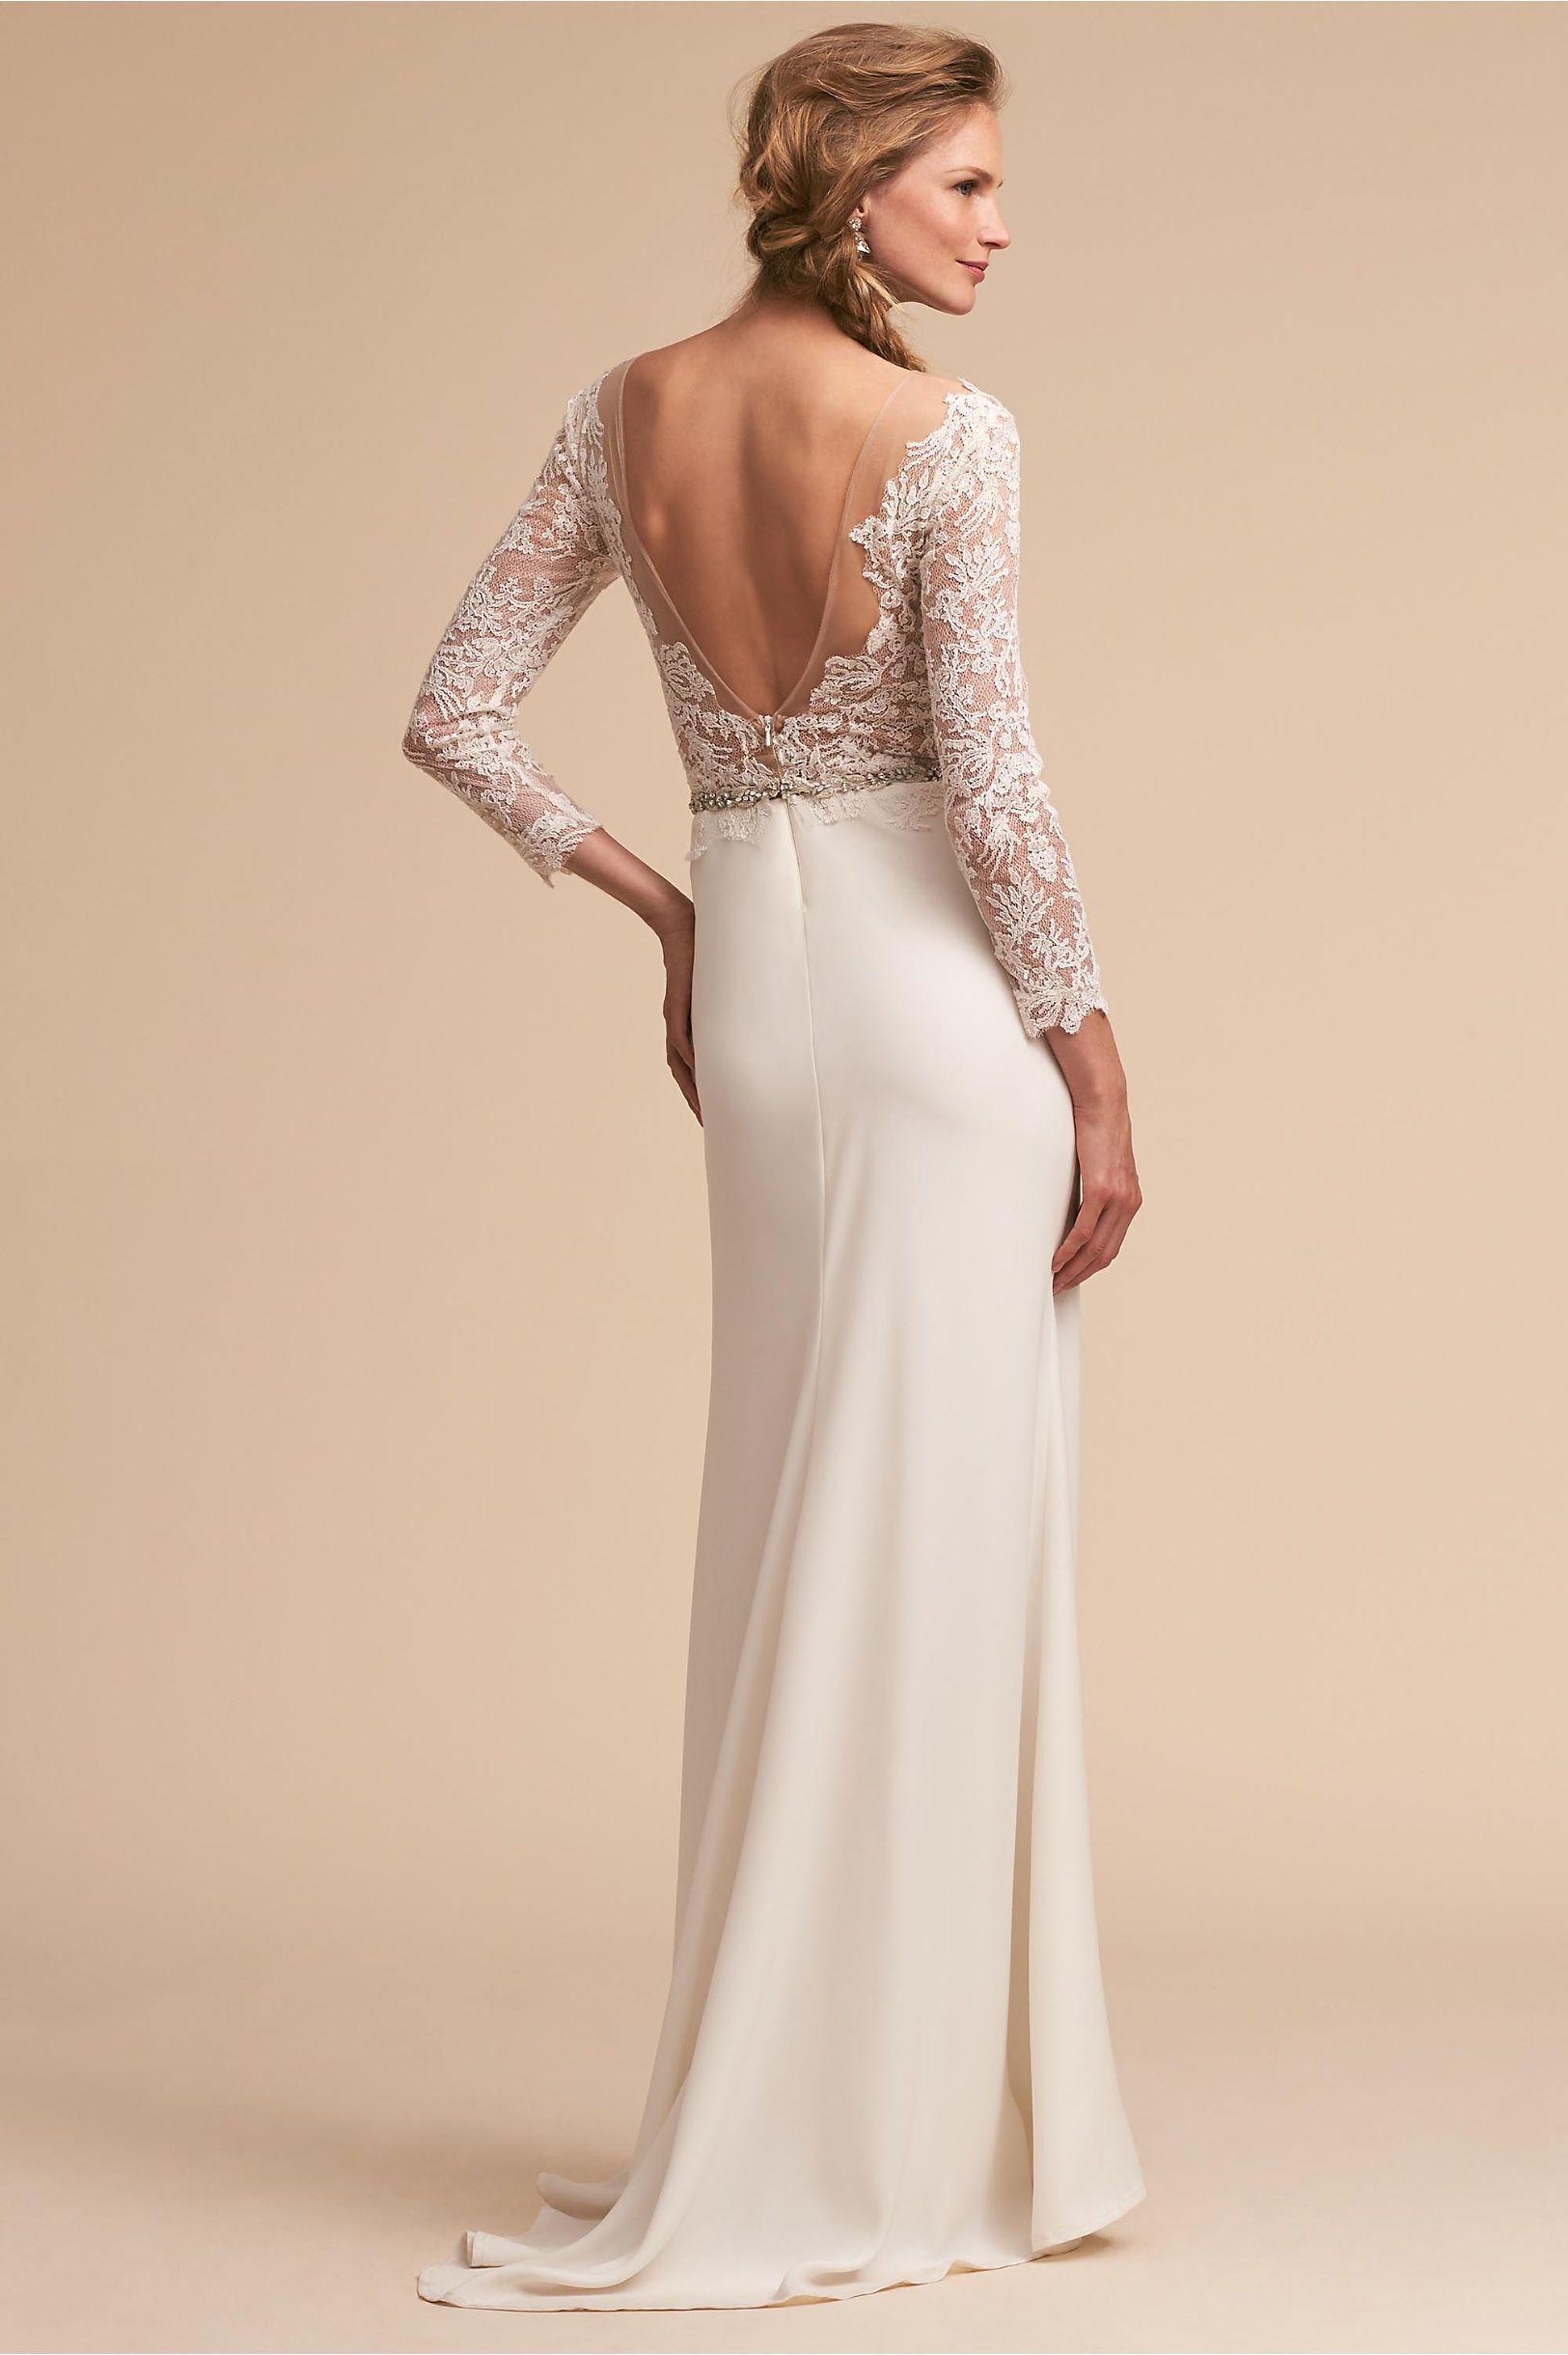 Dresses for wedding reception for bride  BHLDNus Tadashi Shoji Langston Gown in Ivory  Beach Wedding